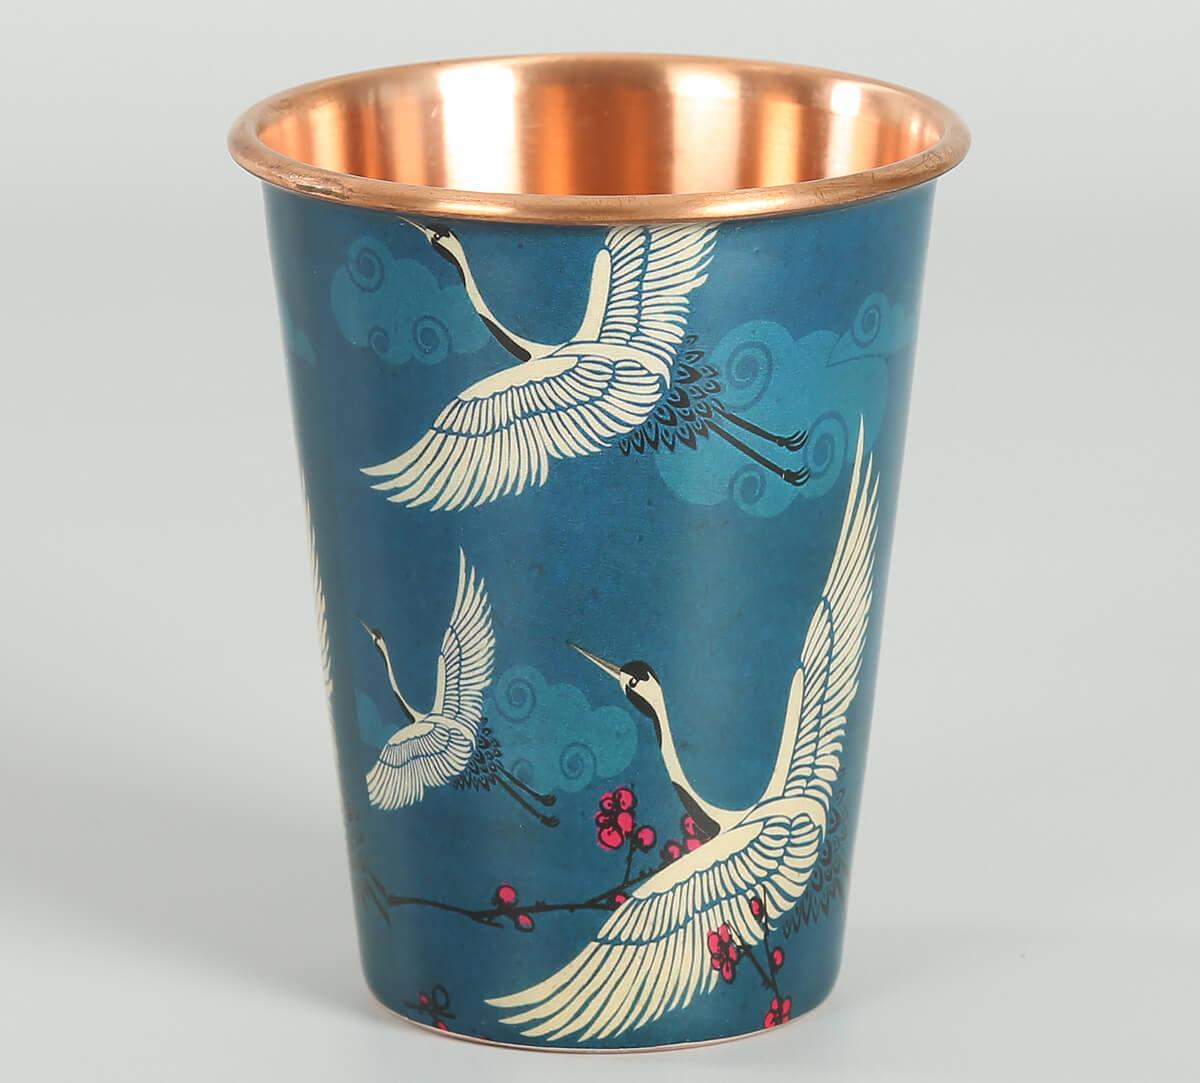 Legend of the Cranes Copper Tumbler